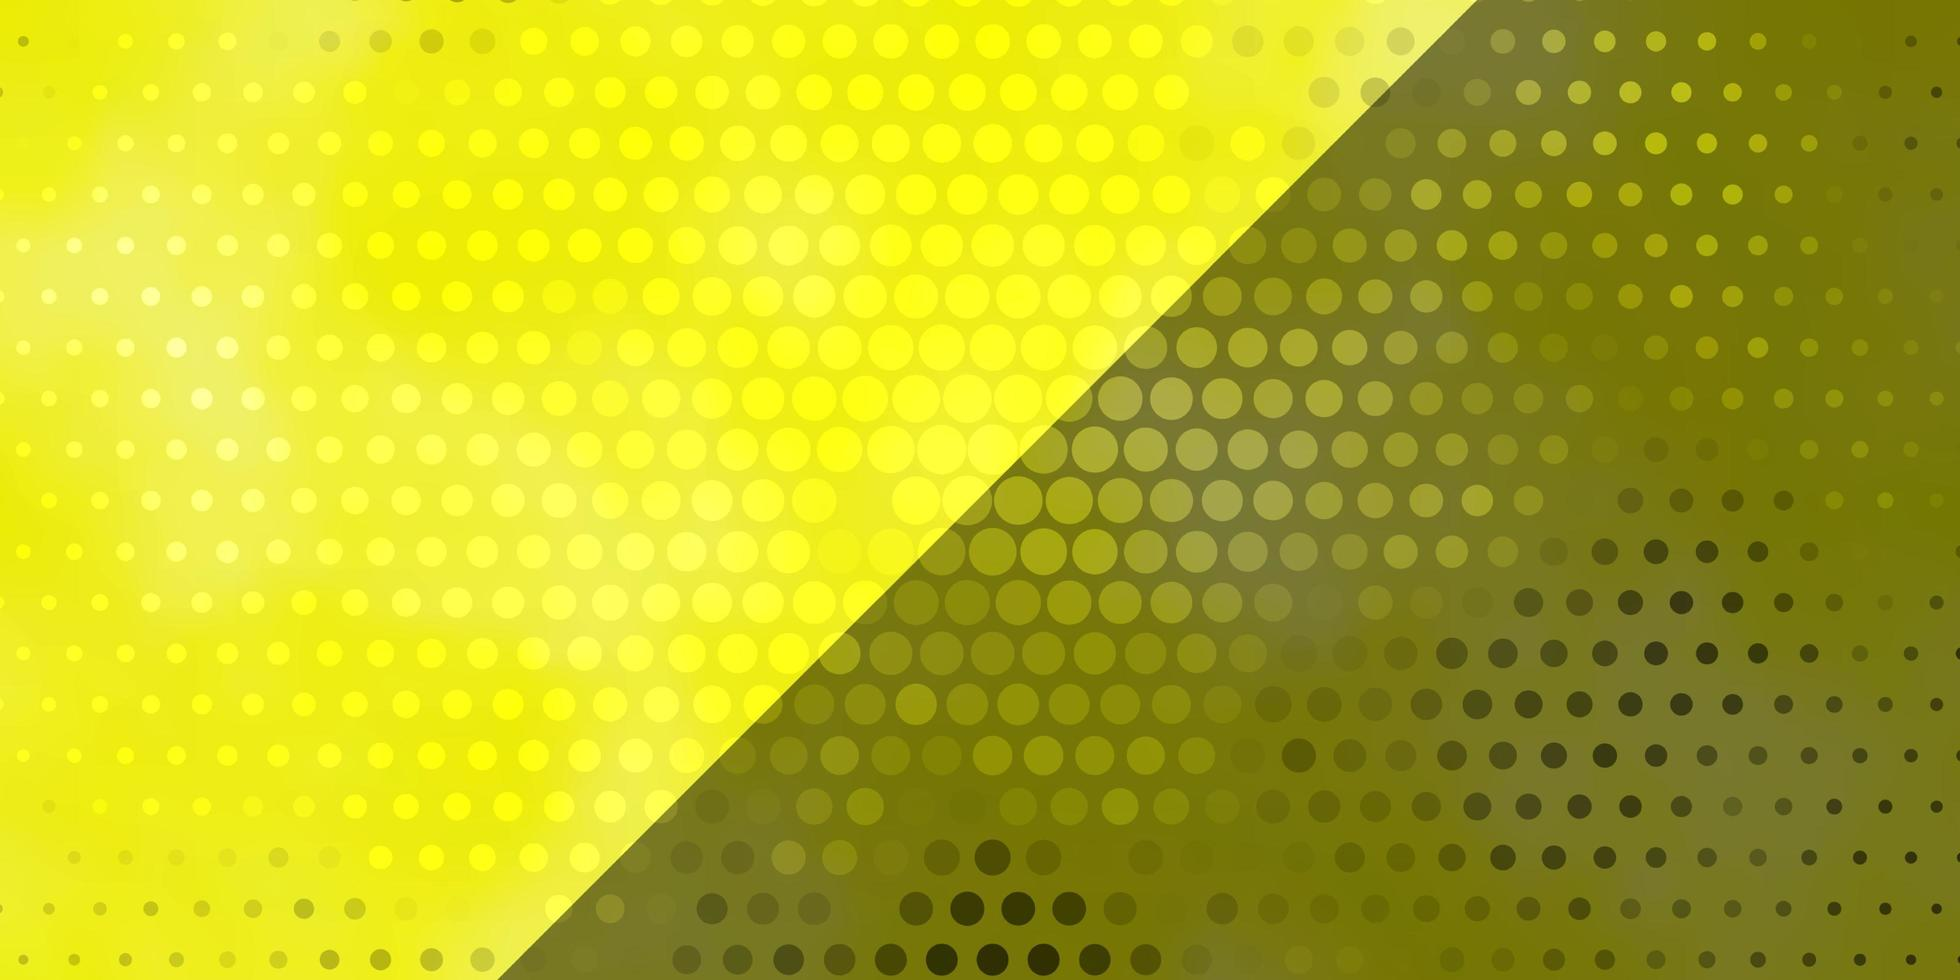 padrão amarelo com círculos. vetor